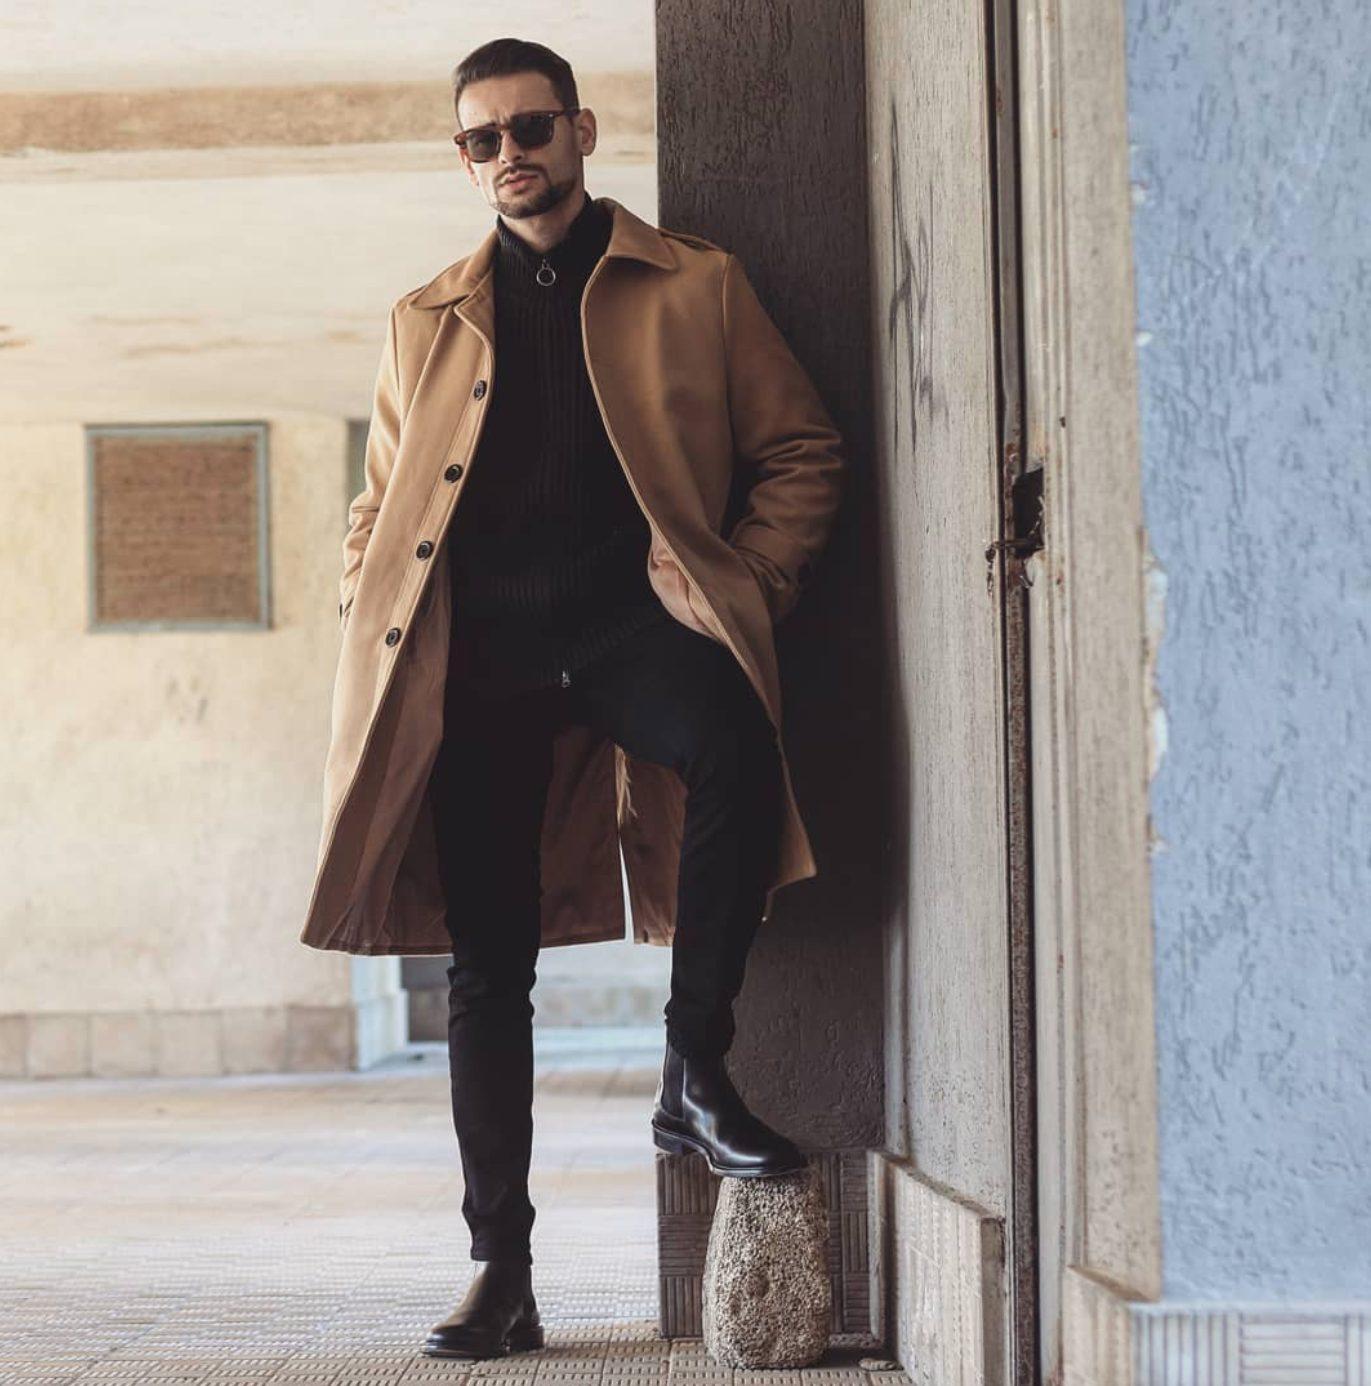 cappotti e giacche uomo autunno inverno 2021 2022